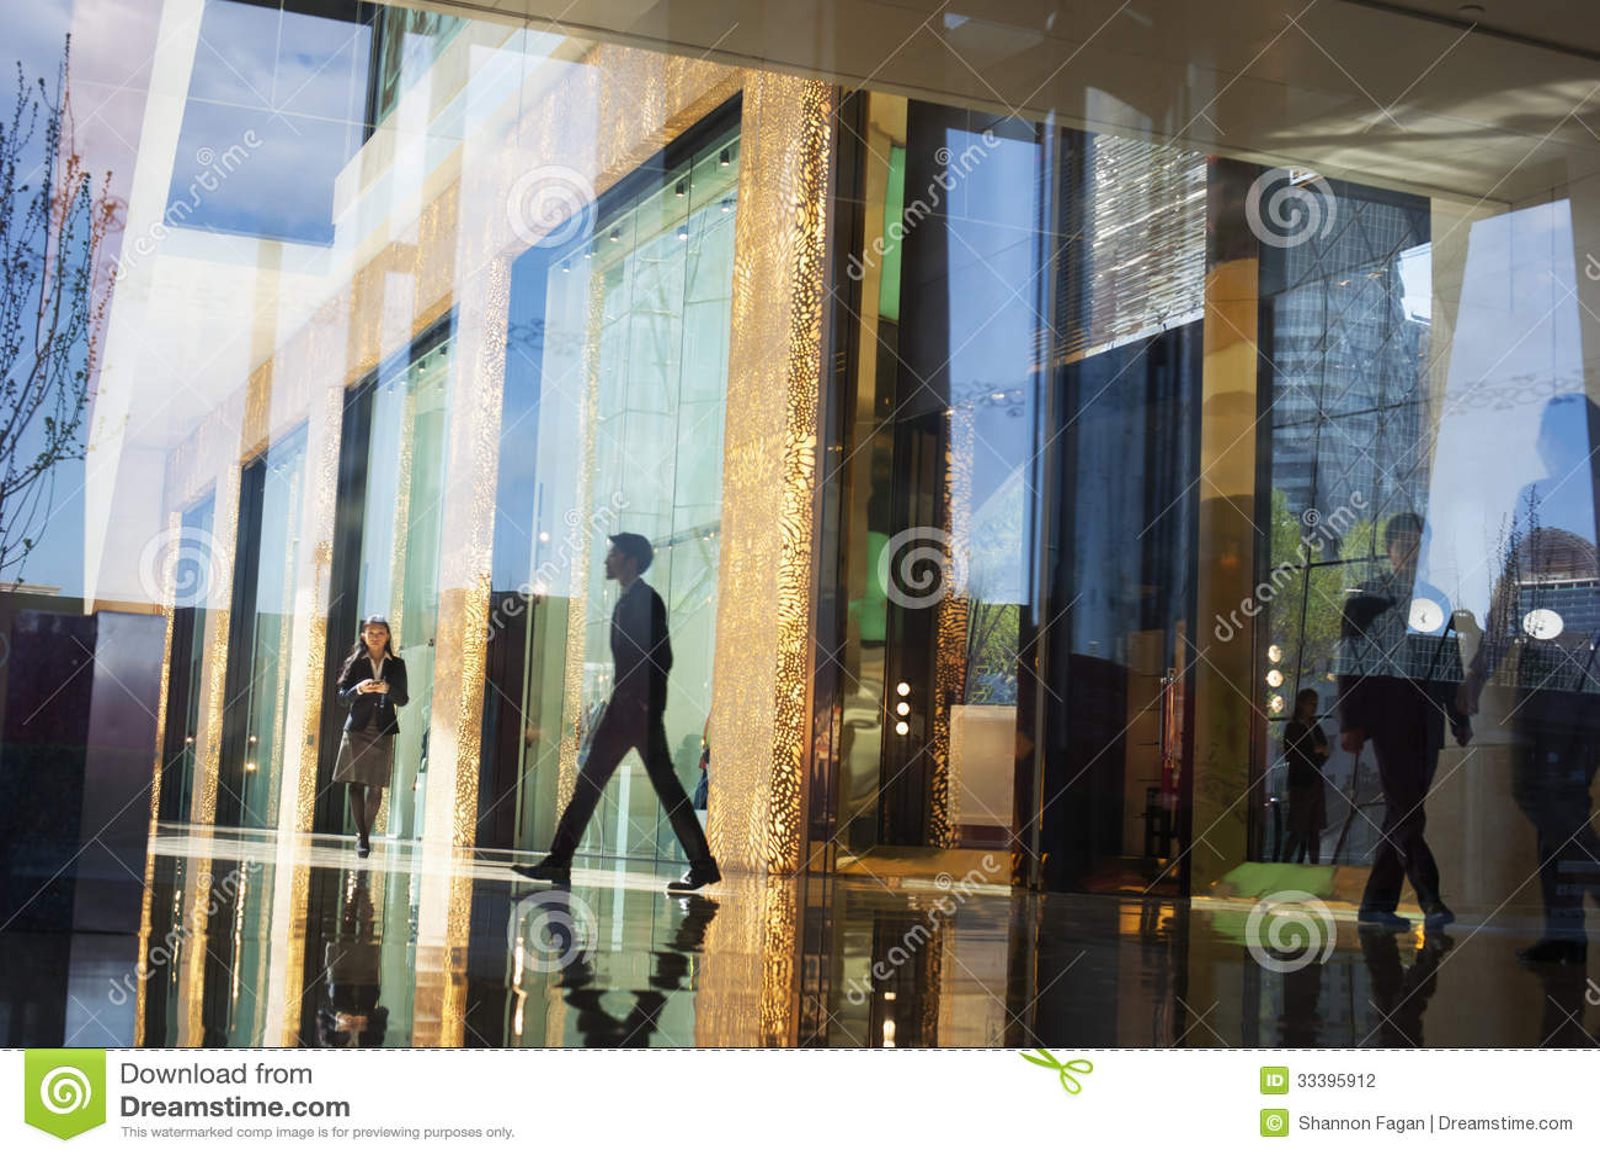 Бизнесмены идя через лобби офисного здания с другой стороны стеклянной стены